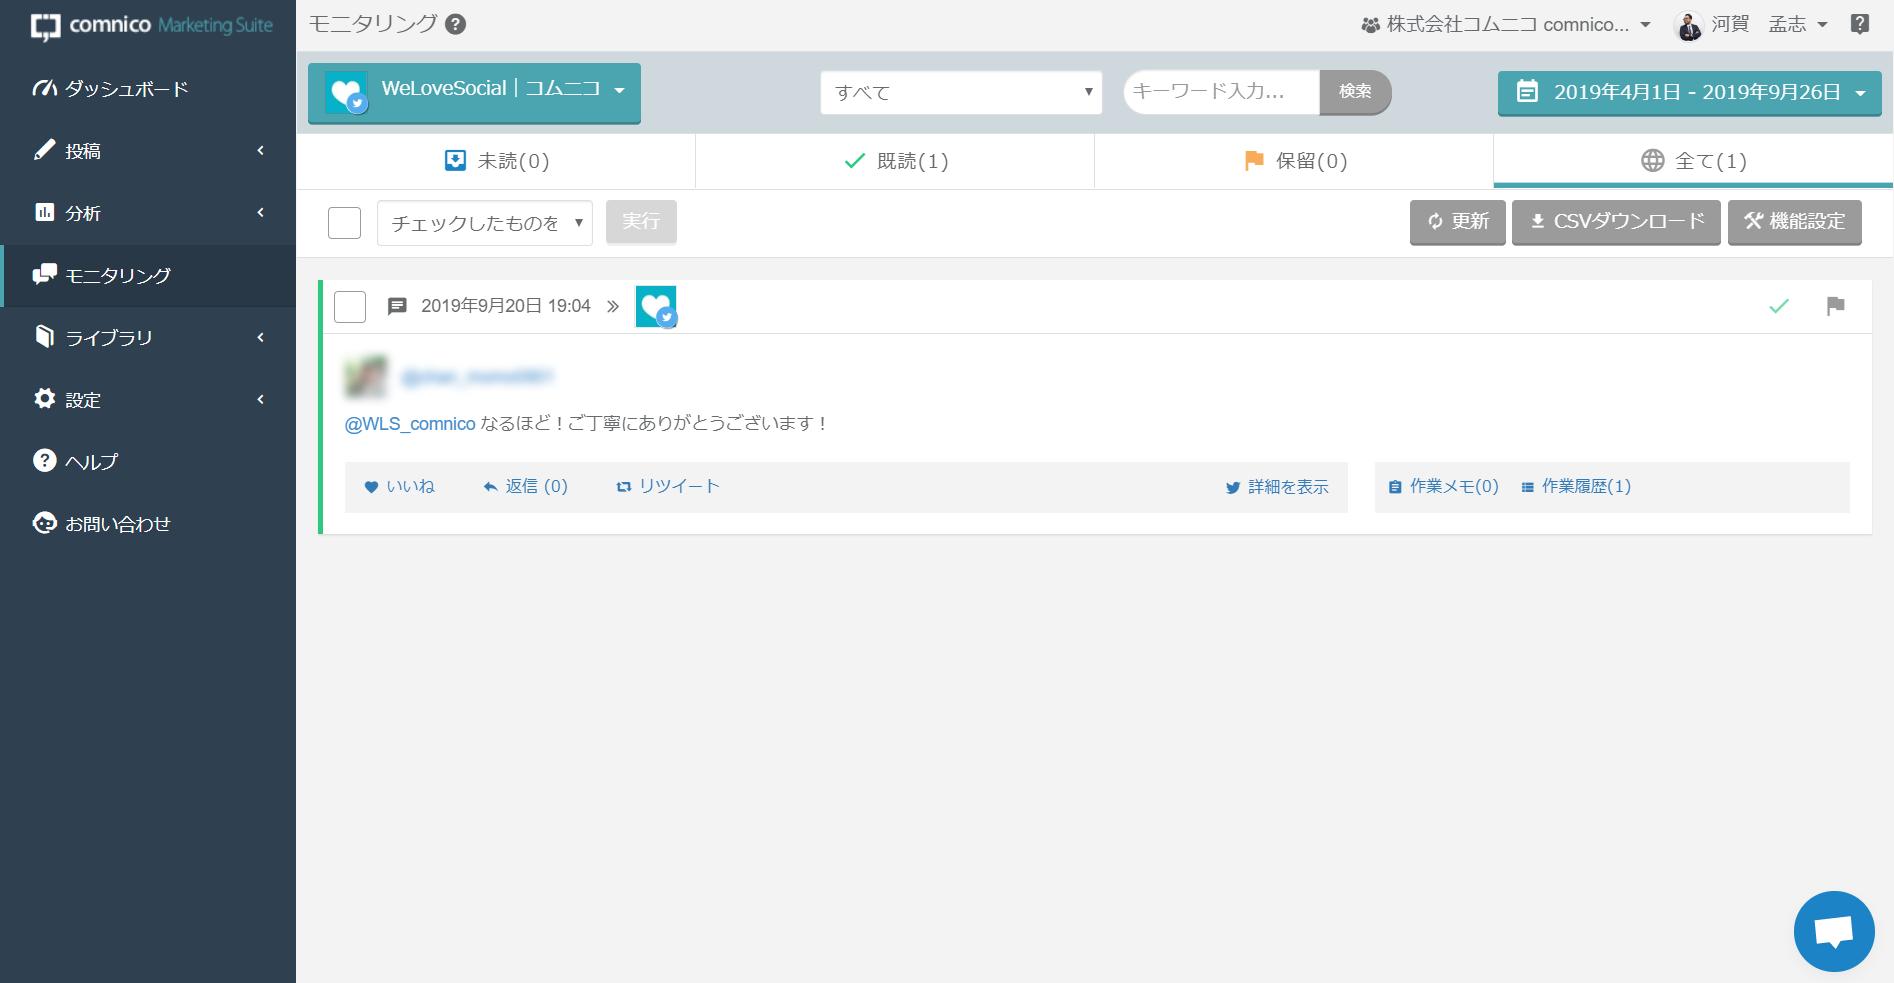 SNSアカウント運用管理ツール